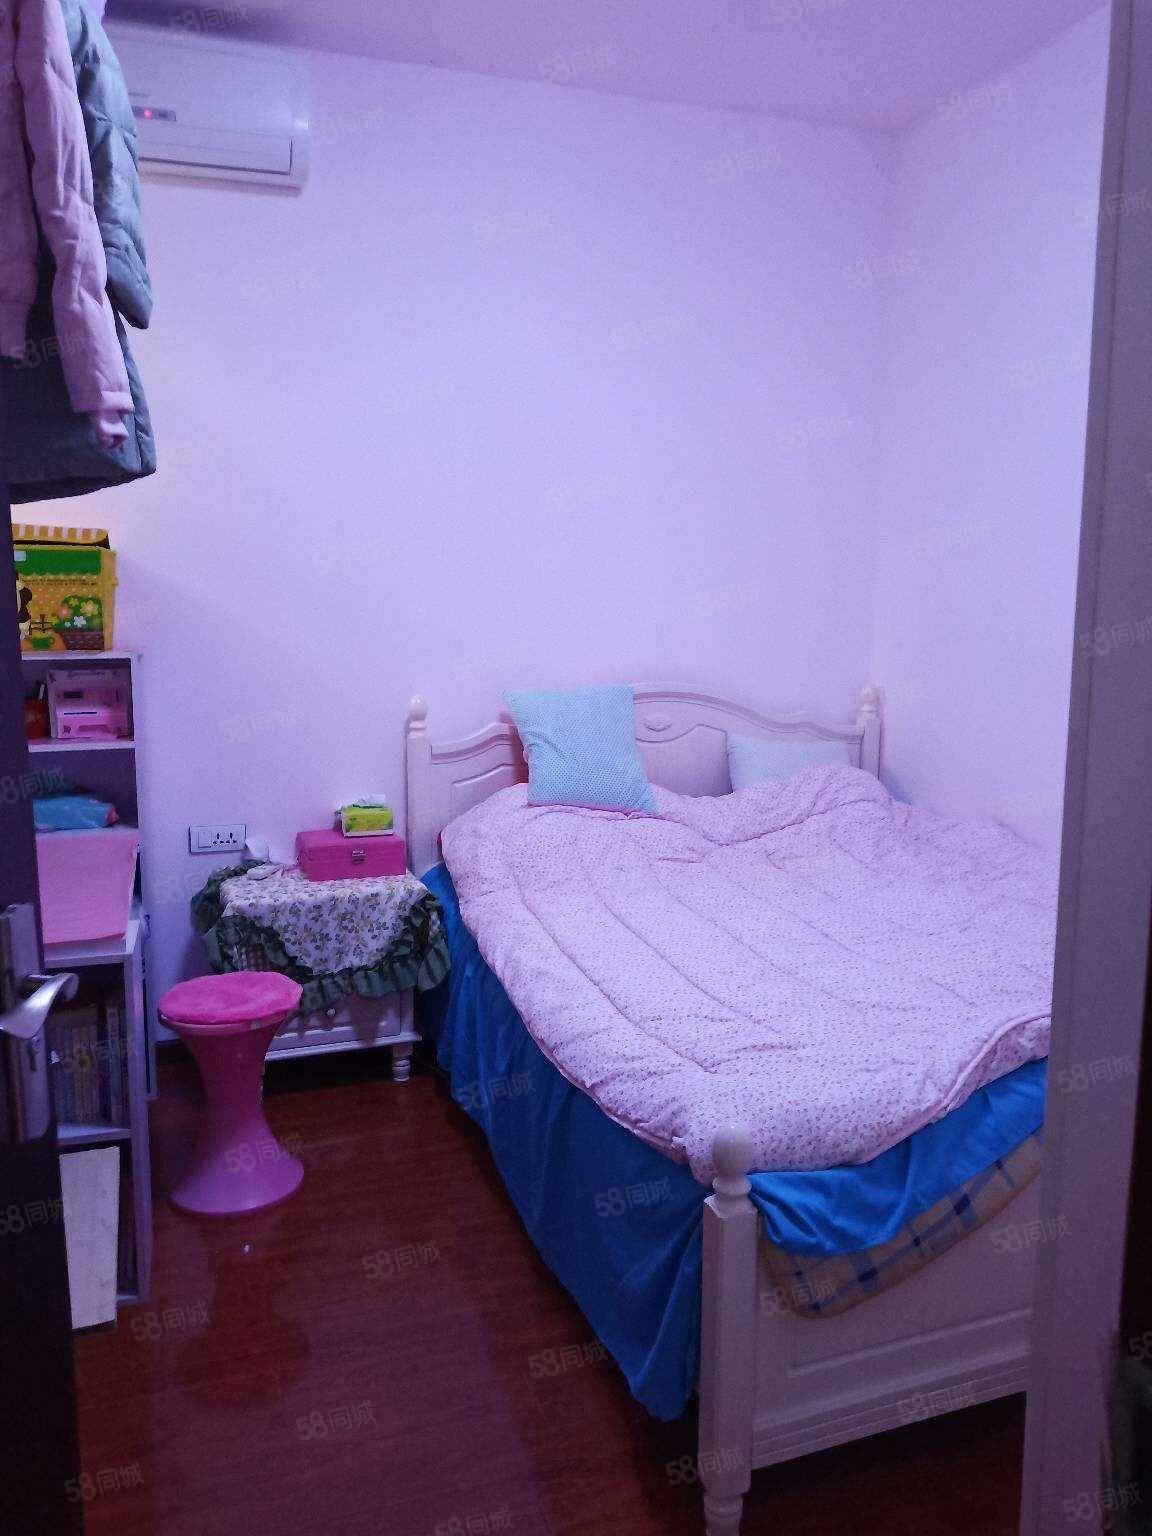 紫荆花园丶小户型电梯房,49平米,中装一室一厅一卫,啊